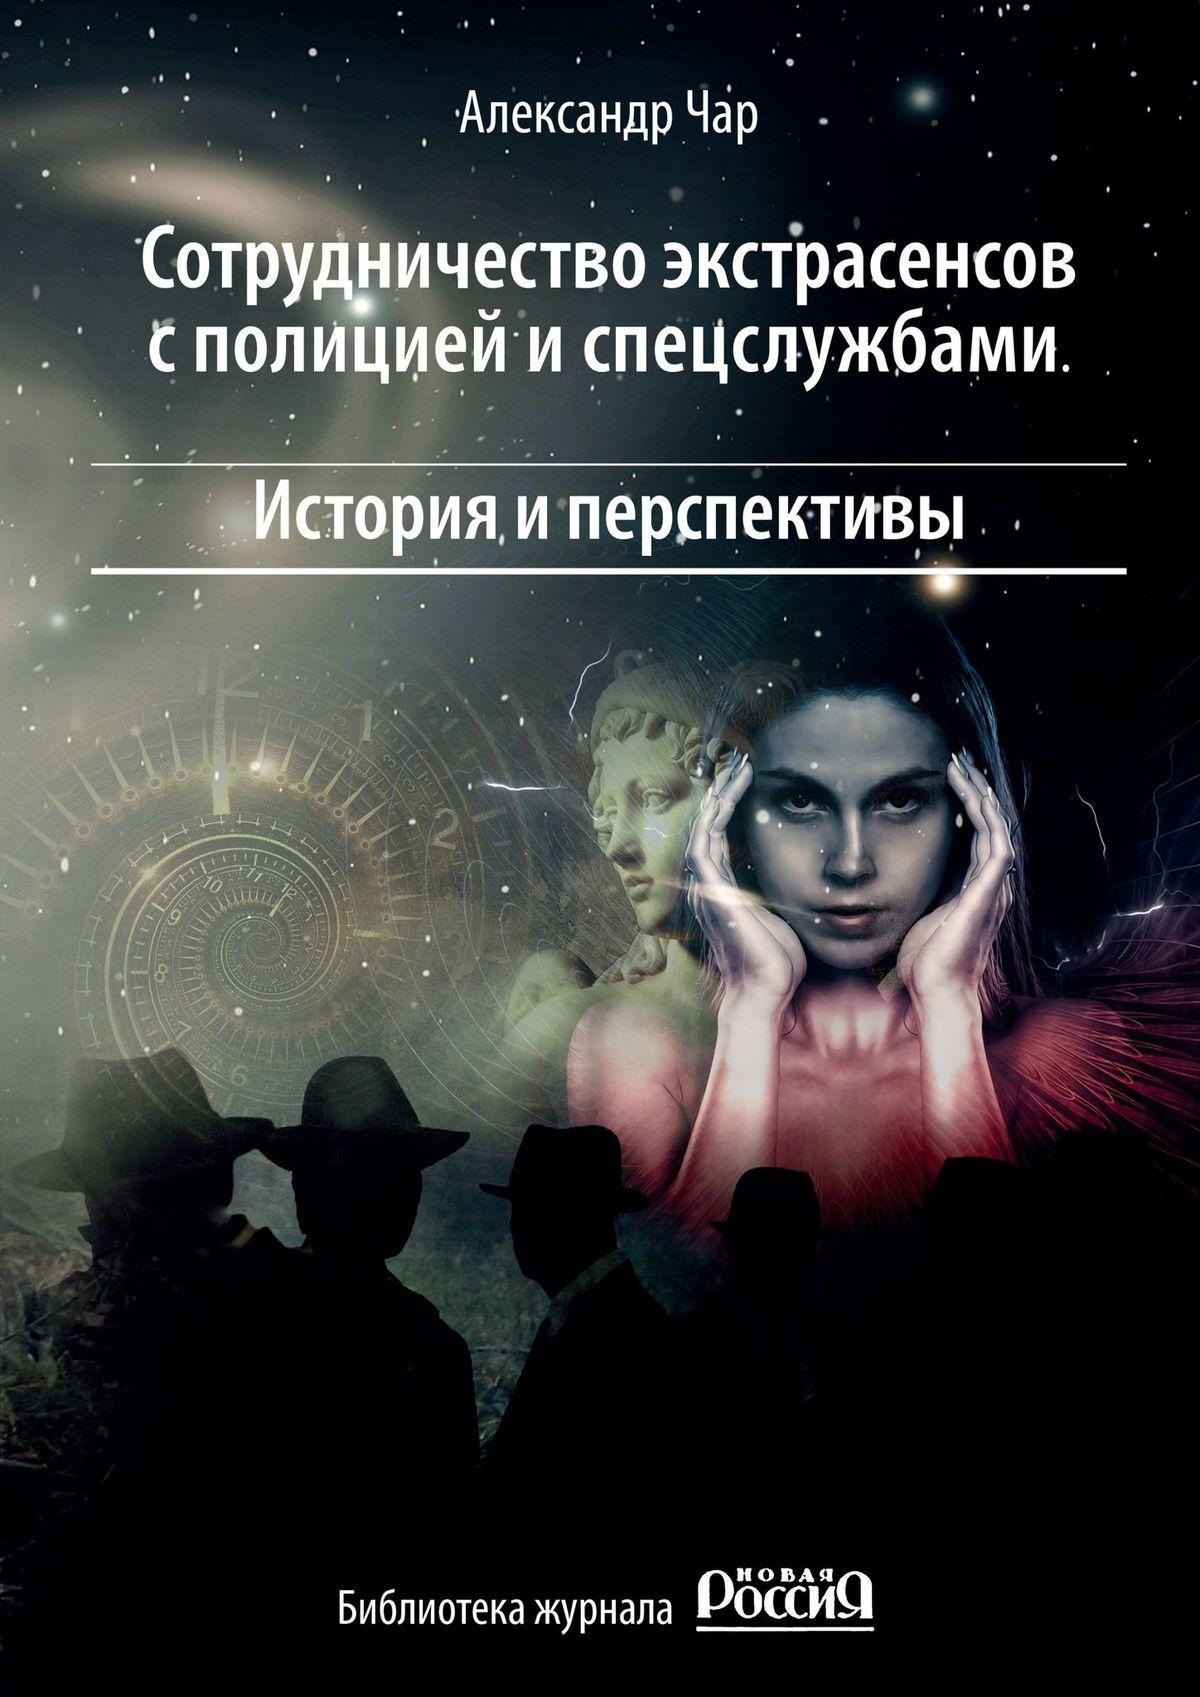 sotrudnichestvo ekstrasensov s politsiey i spetssluzhbami istoriya i perspektivy biblioteka zhurnala novaya rossiya